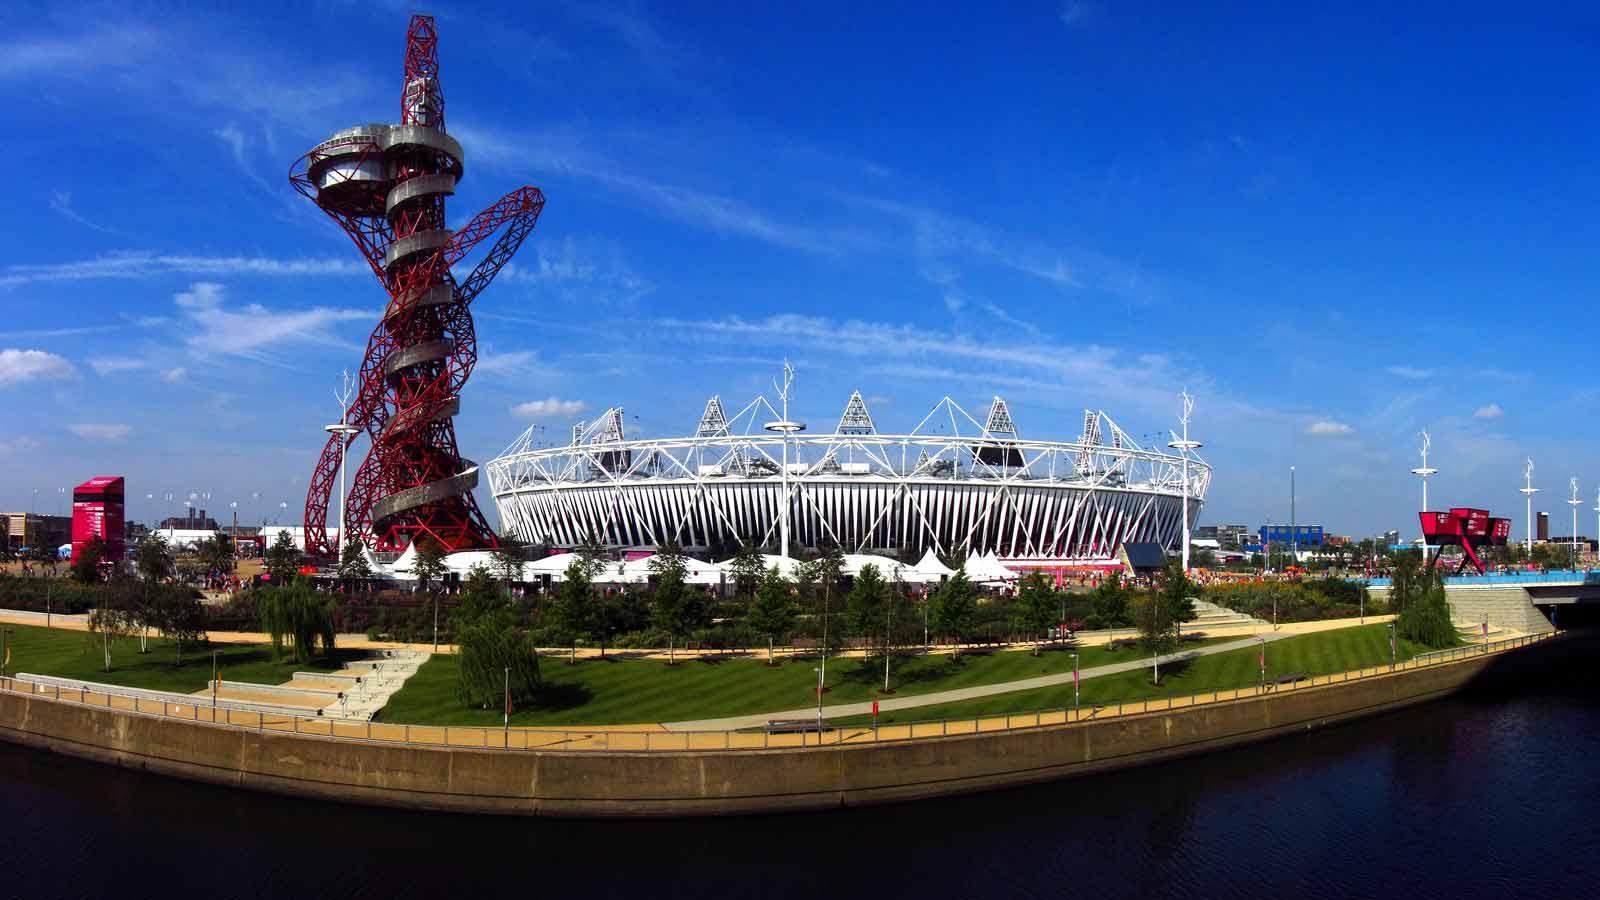 16x9_Innovate_London_The_Orbit